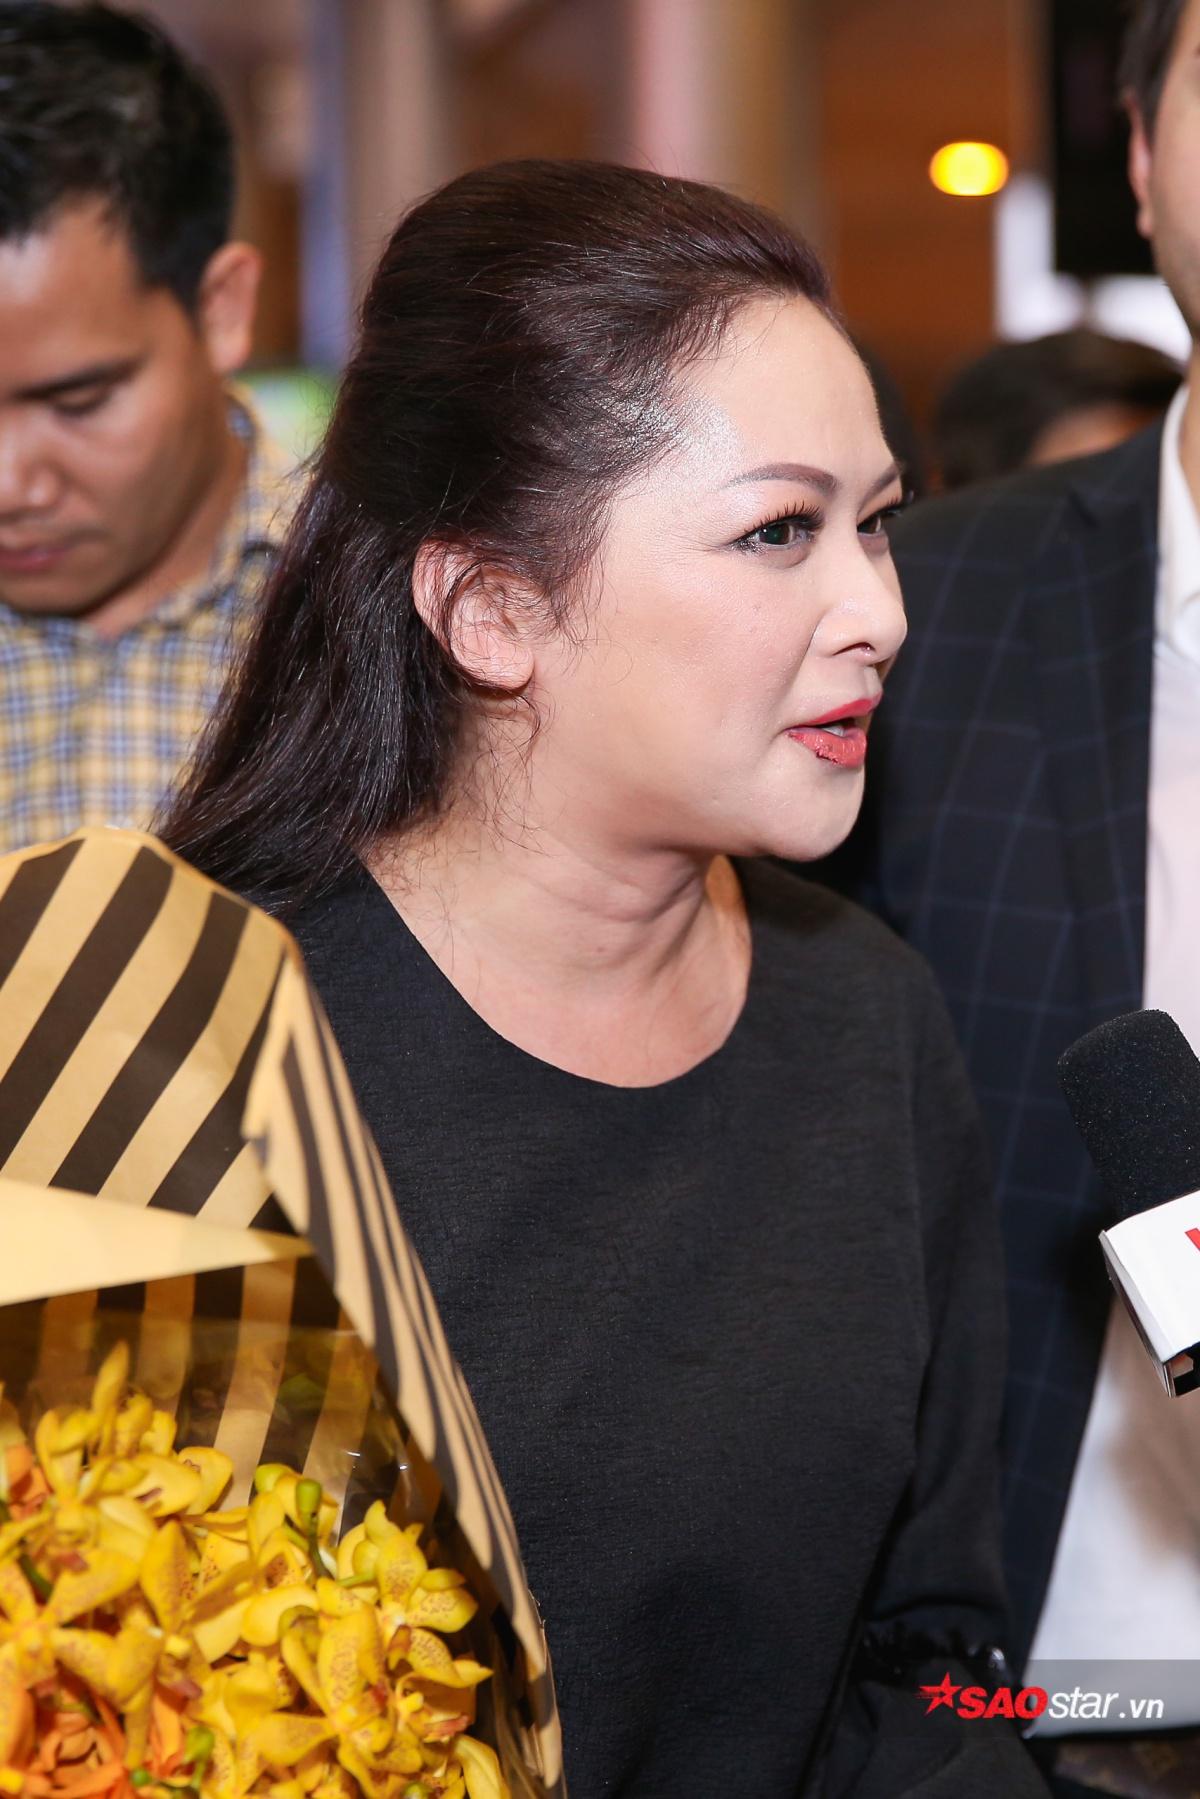 Như Quỳnh xác nhận đây sẽ là lần đầu tiên bản thân chính thức xuất hiện và trình diễn trên sân khấu quê nhà kể từ lúc định cư tại nước ngoài.